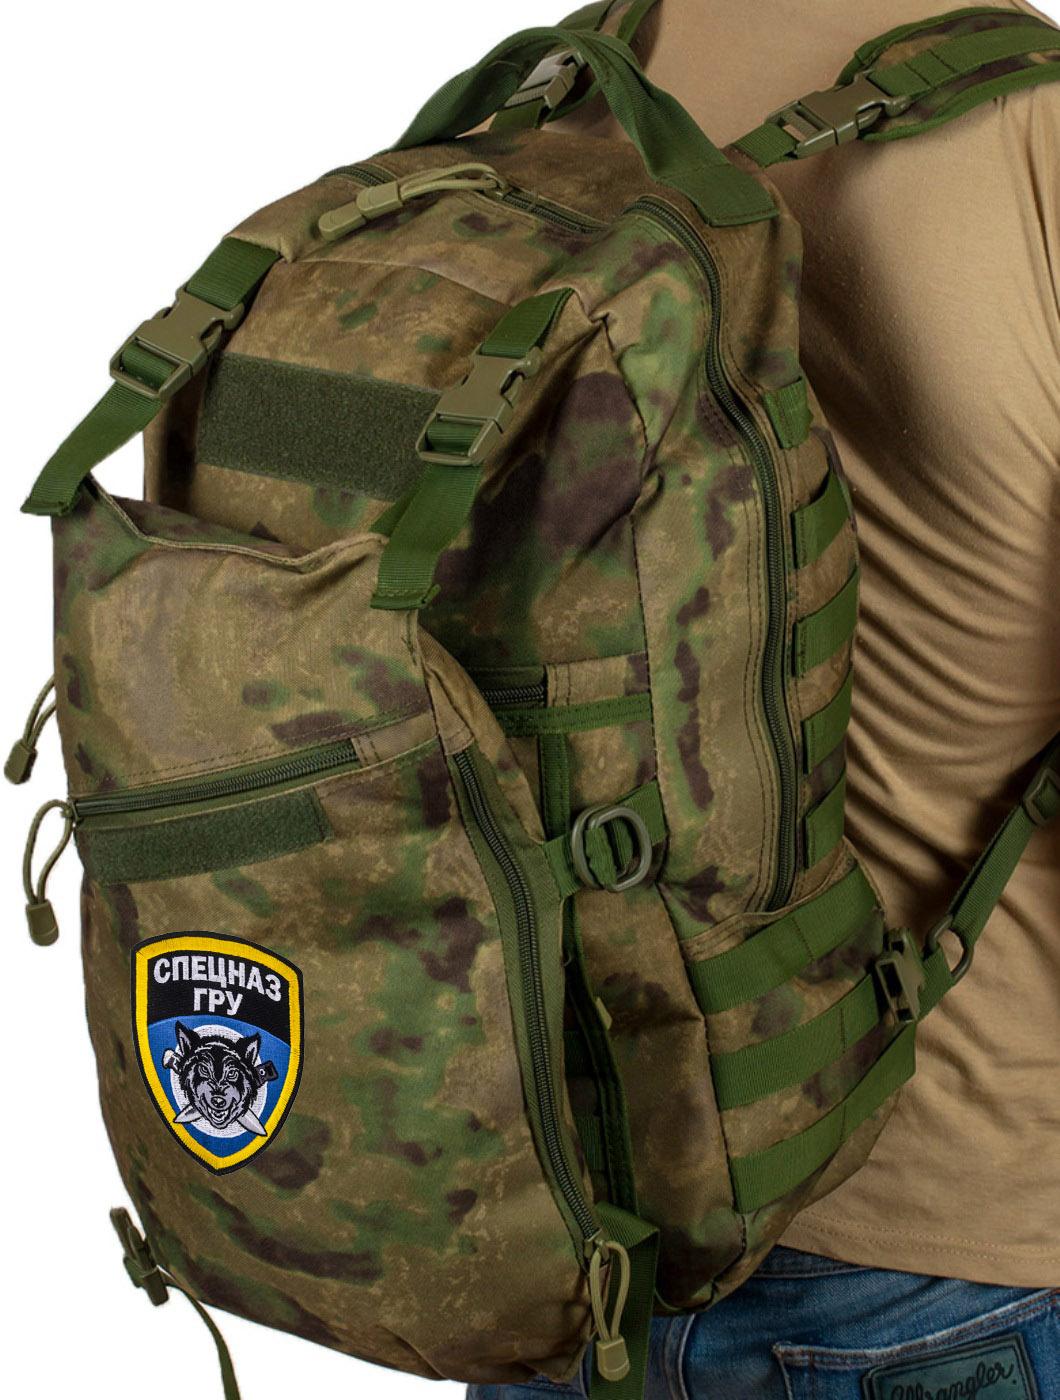 Мощный рейдовый рюкзак спецназовцев ГРУ